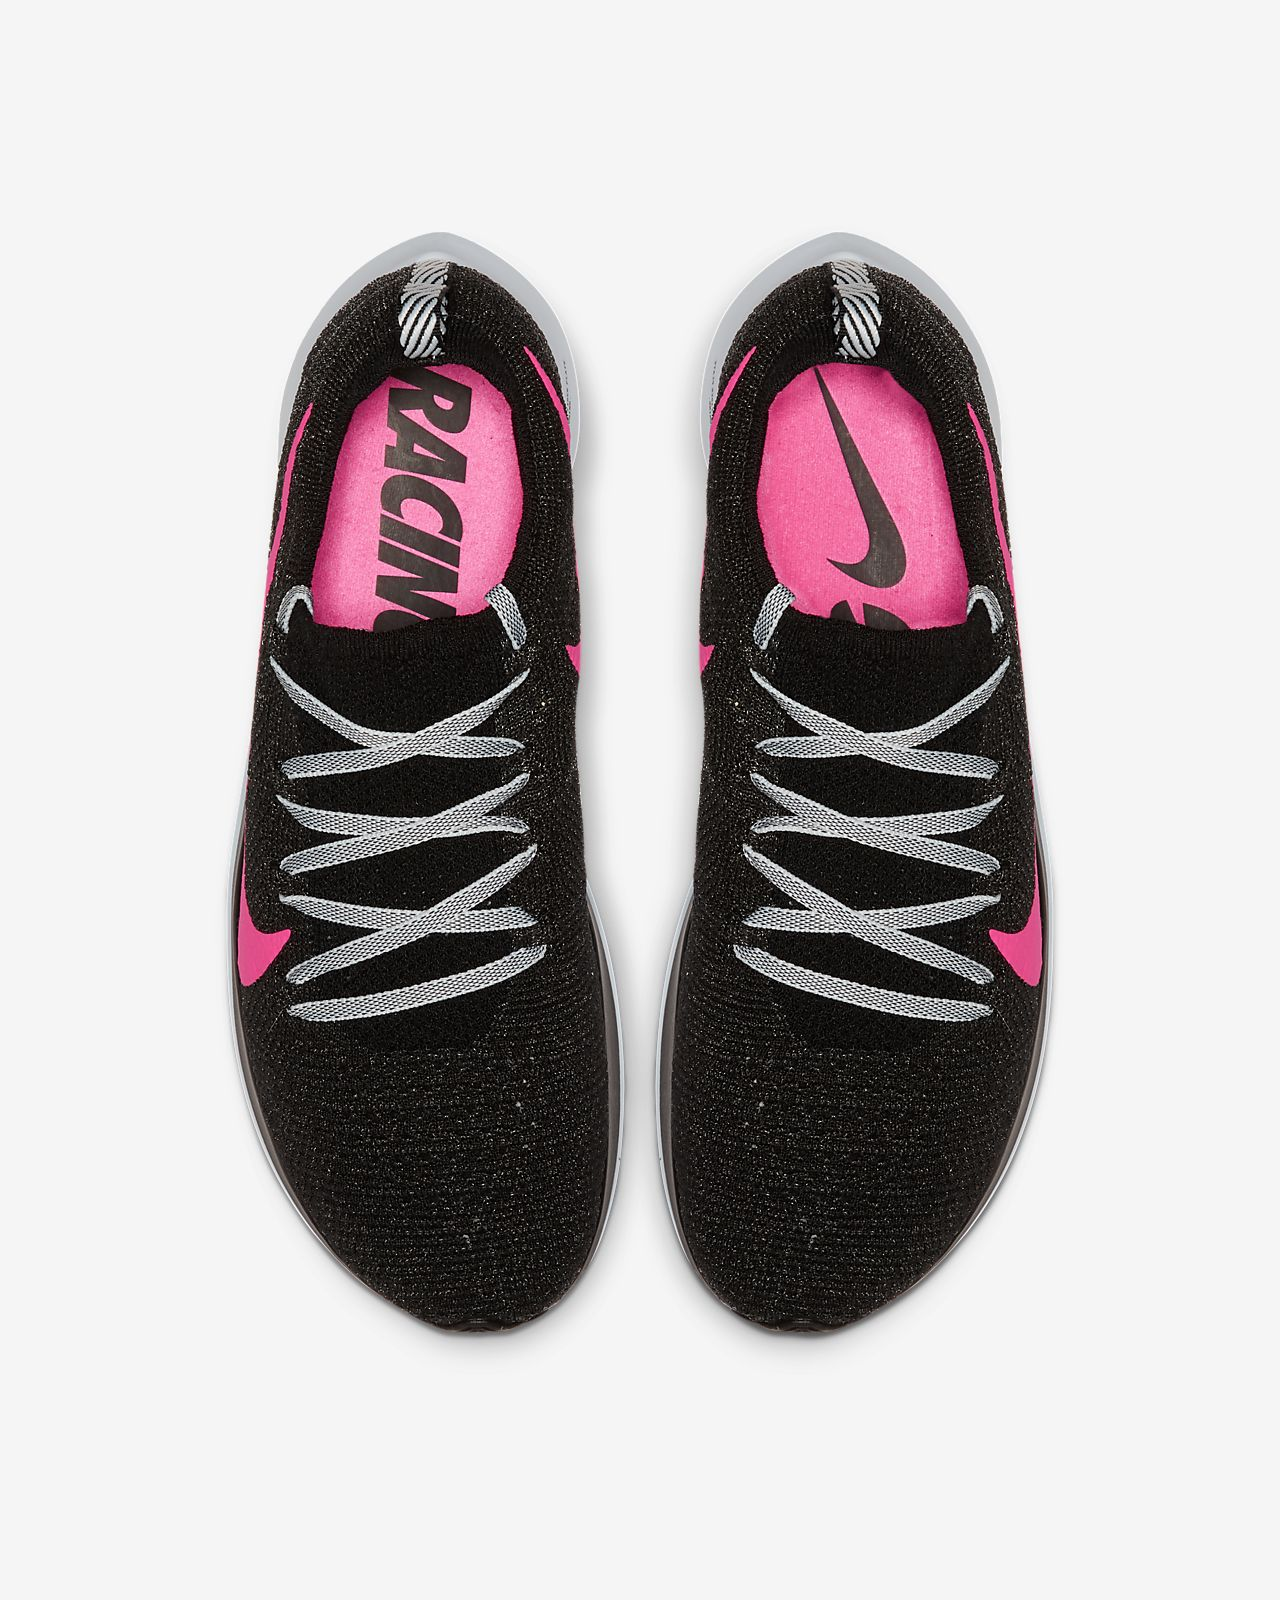 Running Zoom Flyknit Chaussure Nike Pour De Fly Femme ZuOPkXiT